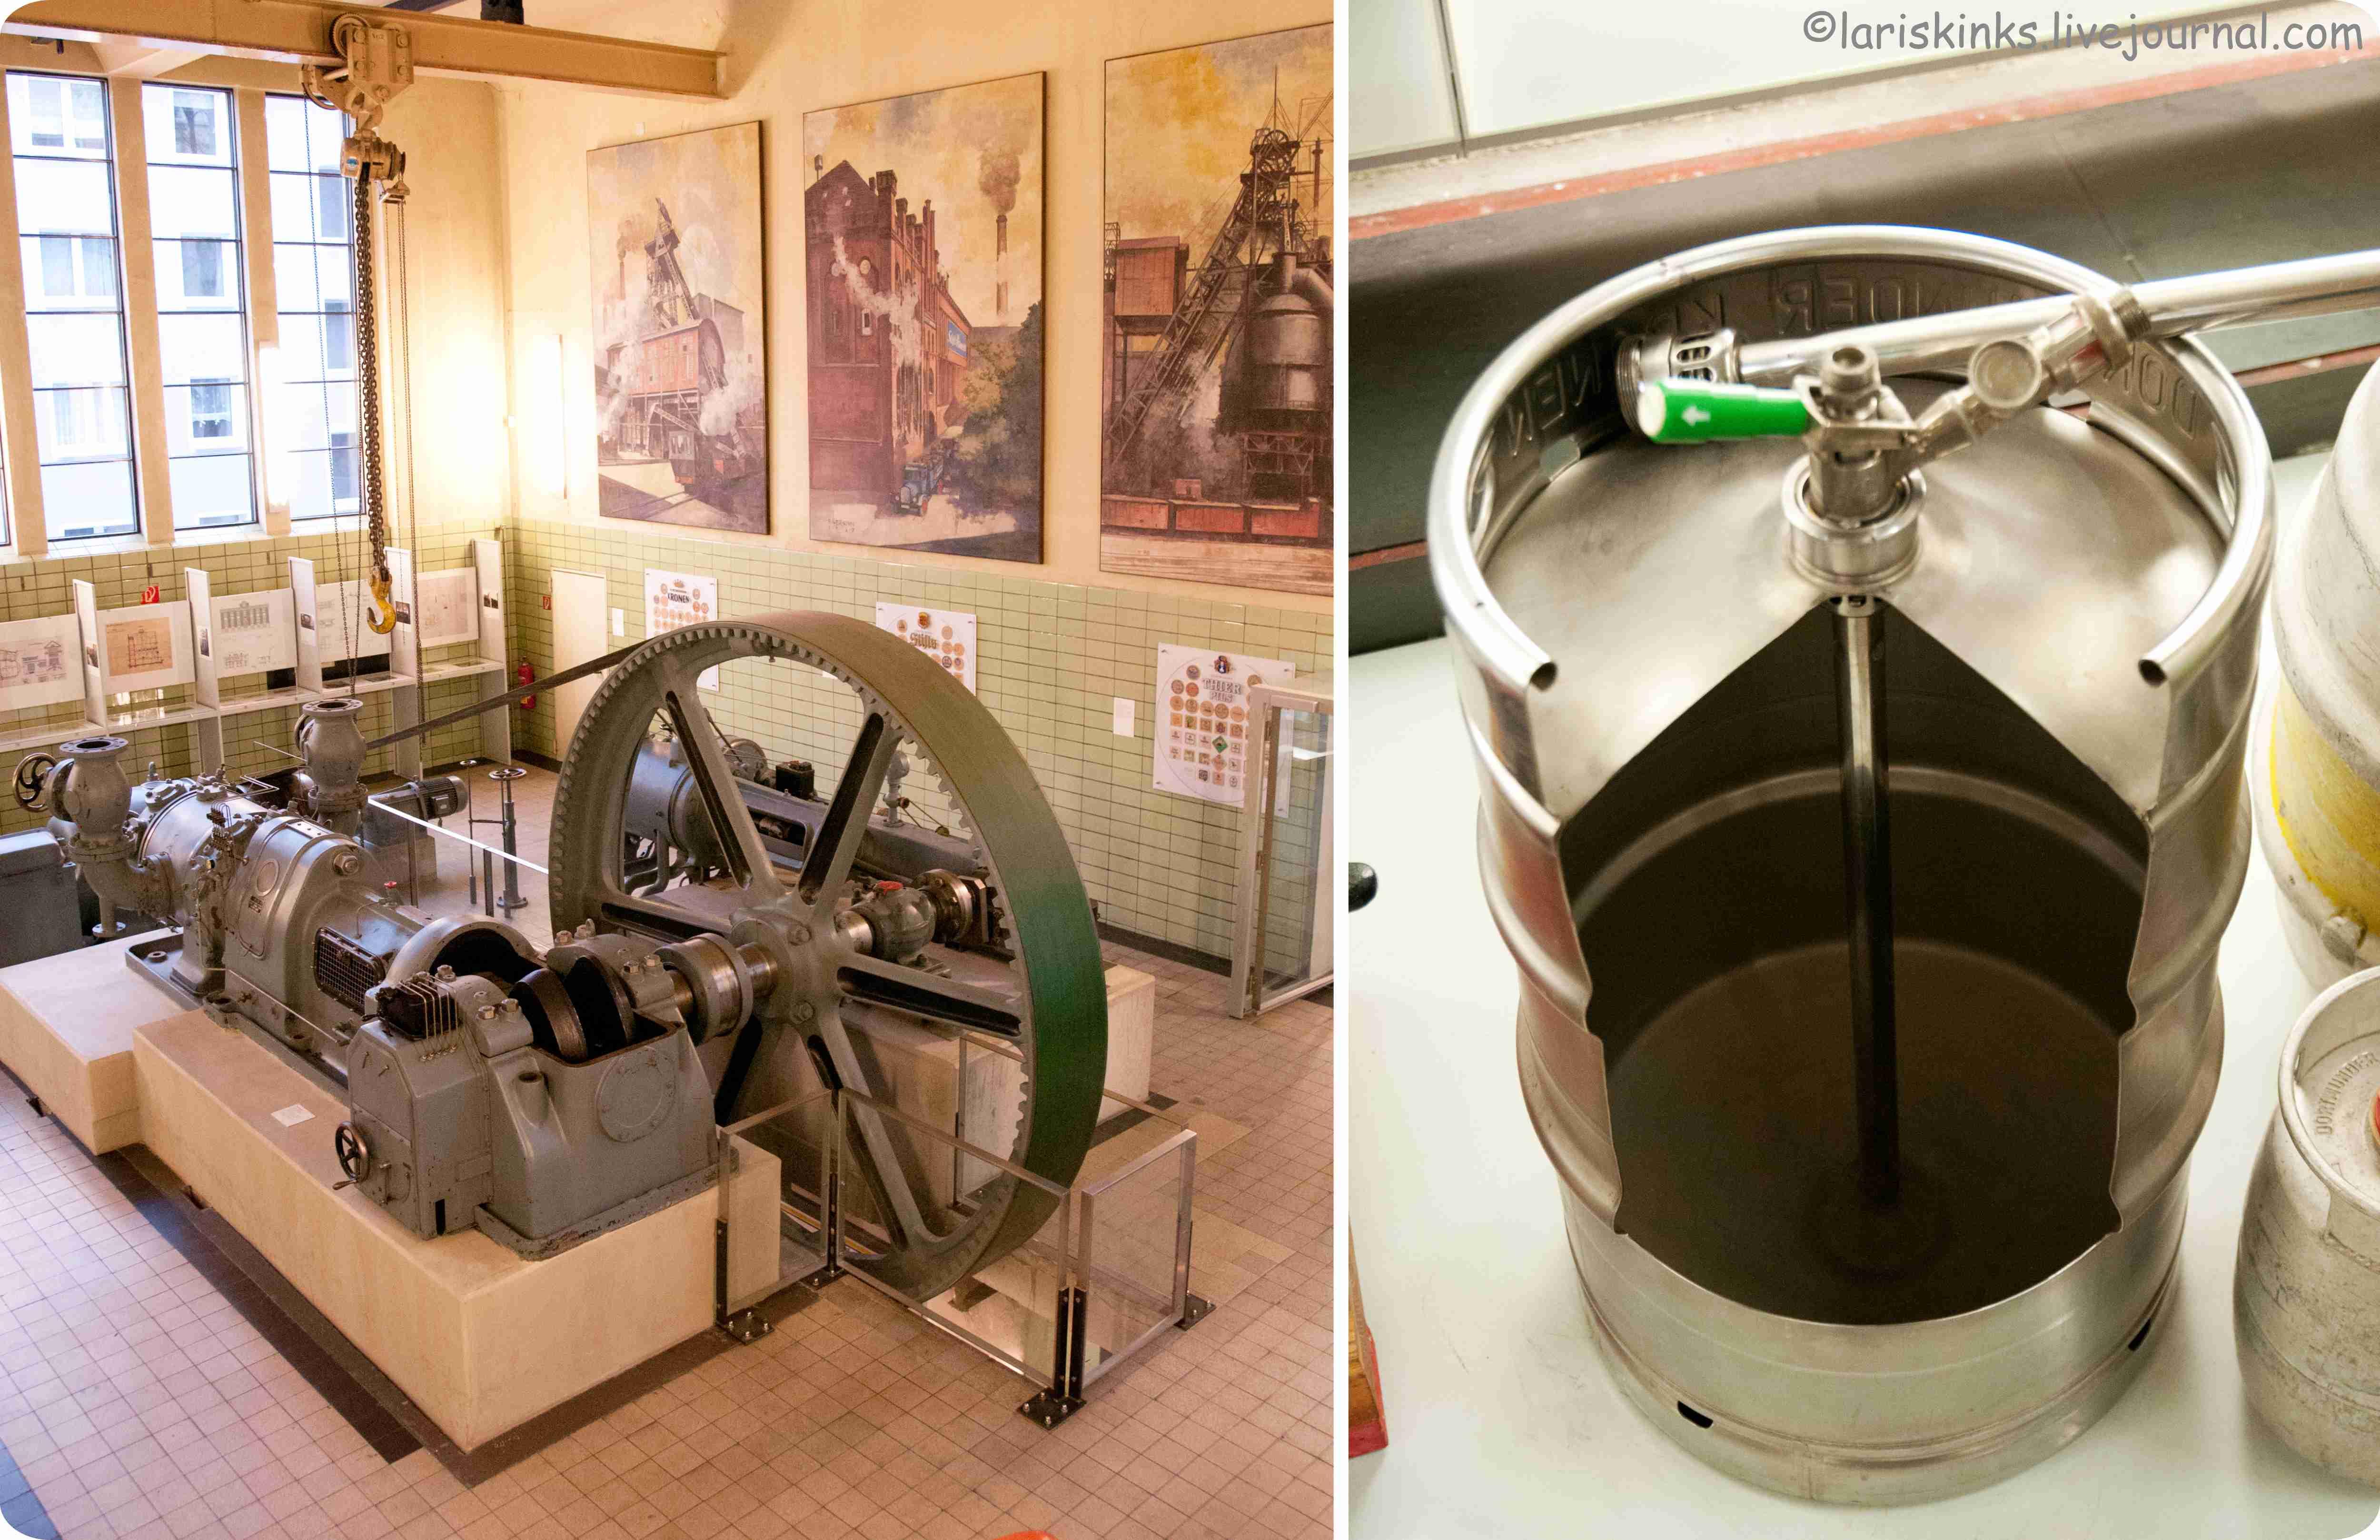 Элементы производства пива в Музее Пива (Дортмунд, Германия) 02